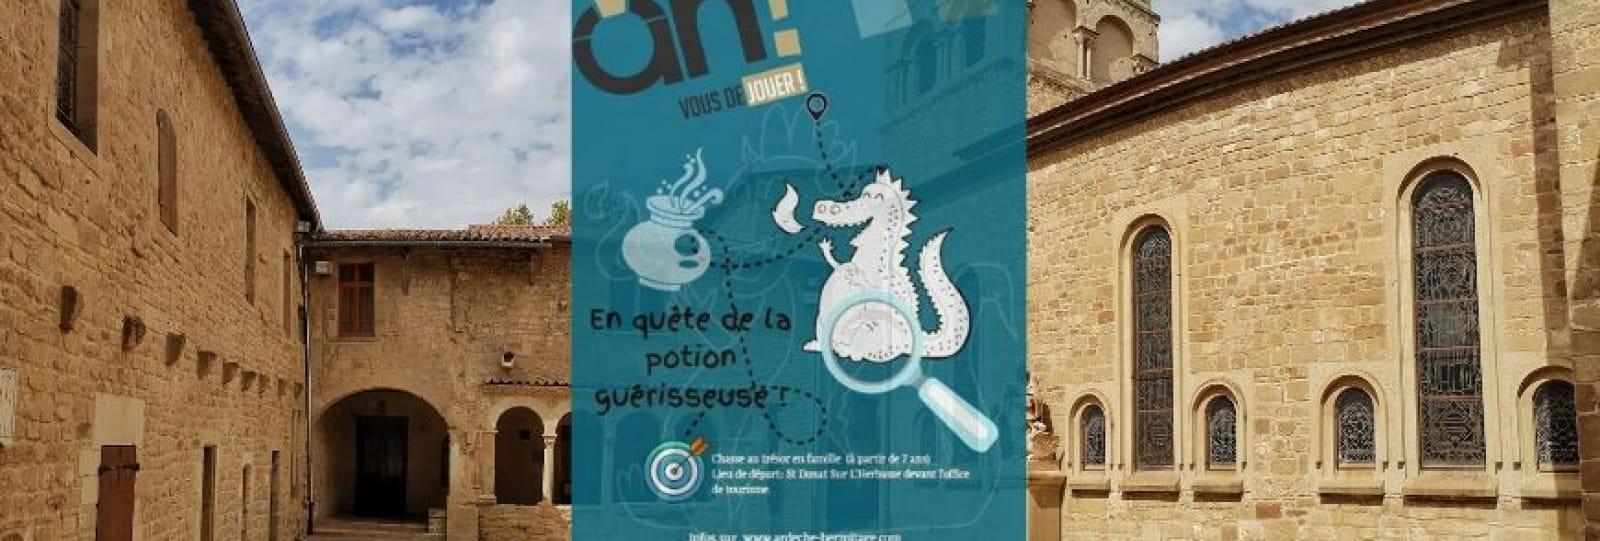 Chasse au trésor ' À la quête de la potion guérisseuse'_Saint Donat_ Ardèche Hermitage Tourisme